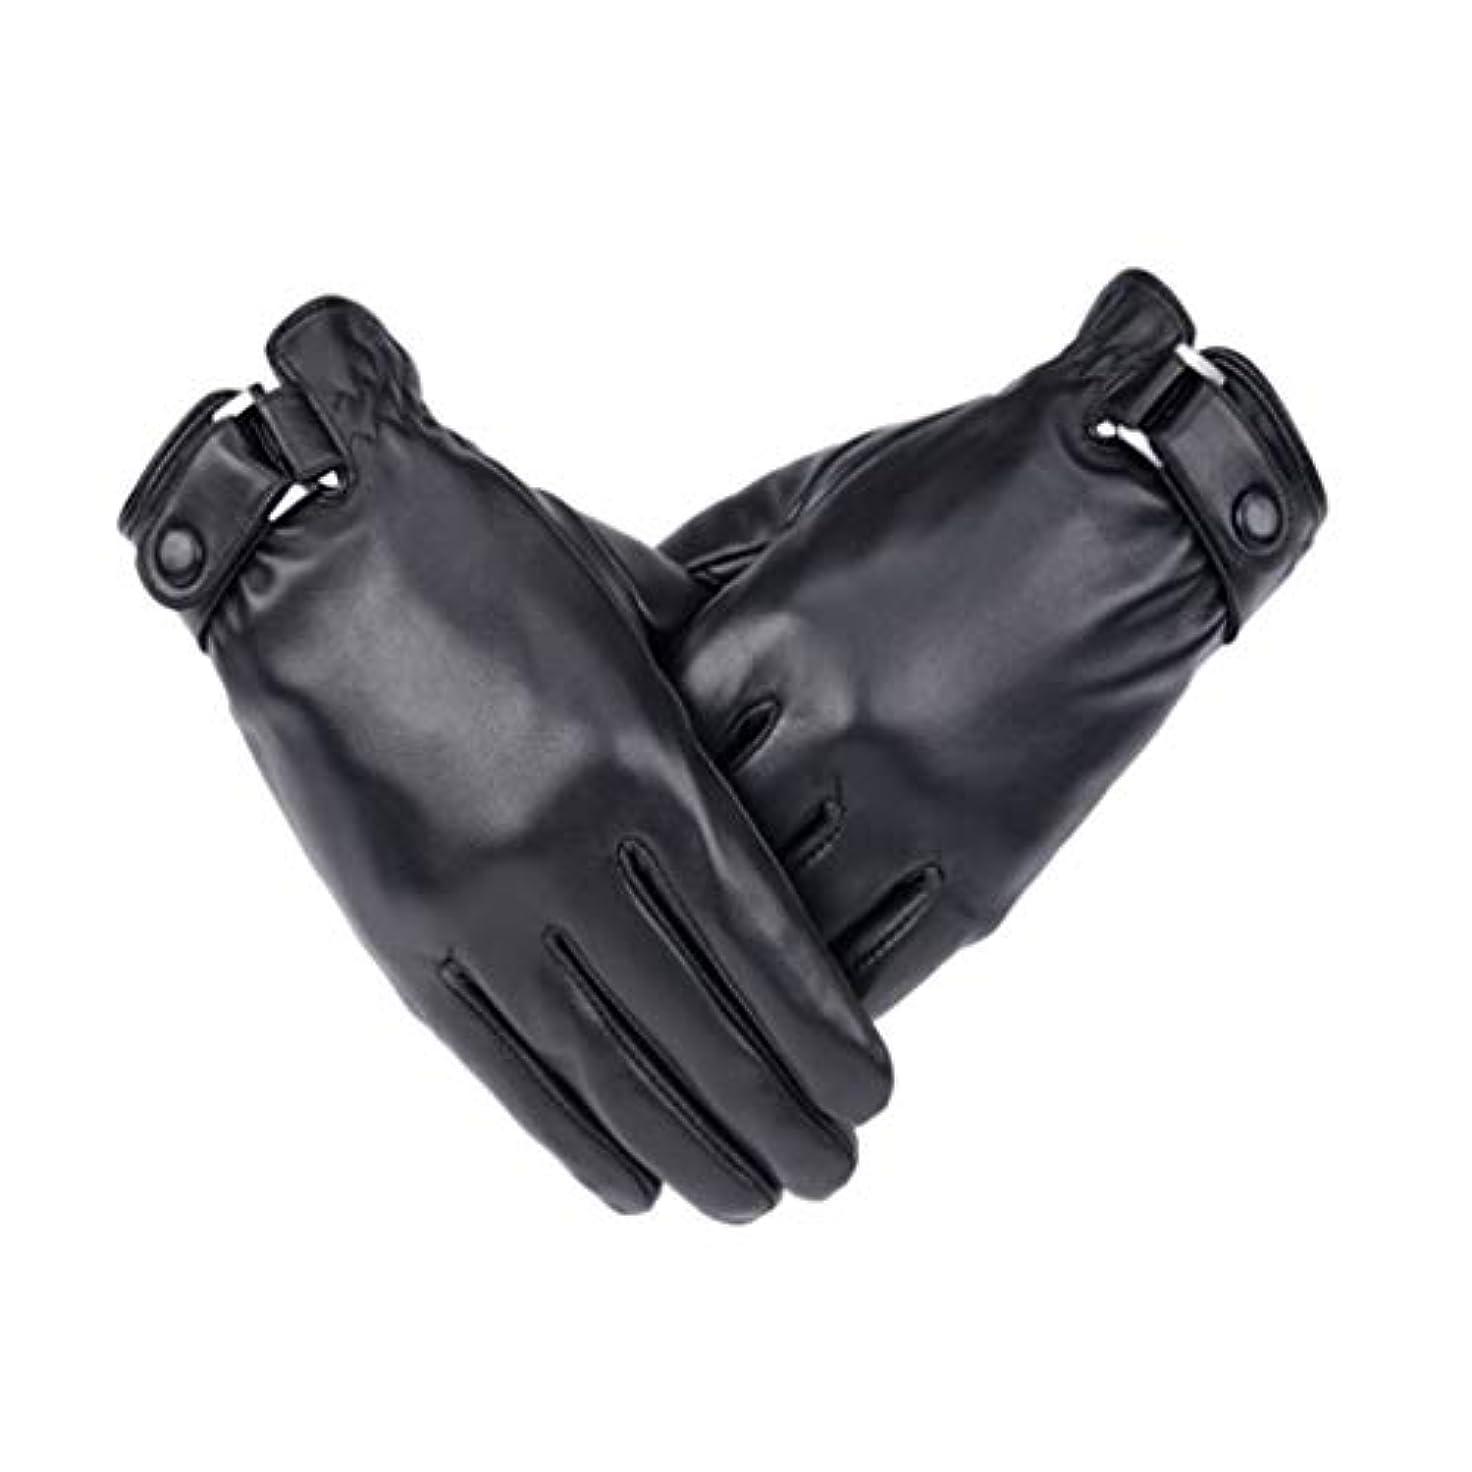 くびれたカード効率手袋の男性冬プラスベルベット厚手の革手袋暖かいタッチスクリーン羊革手袋ファッションモデルXLコード